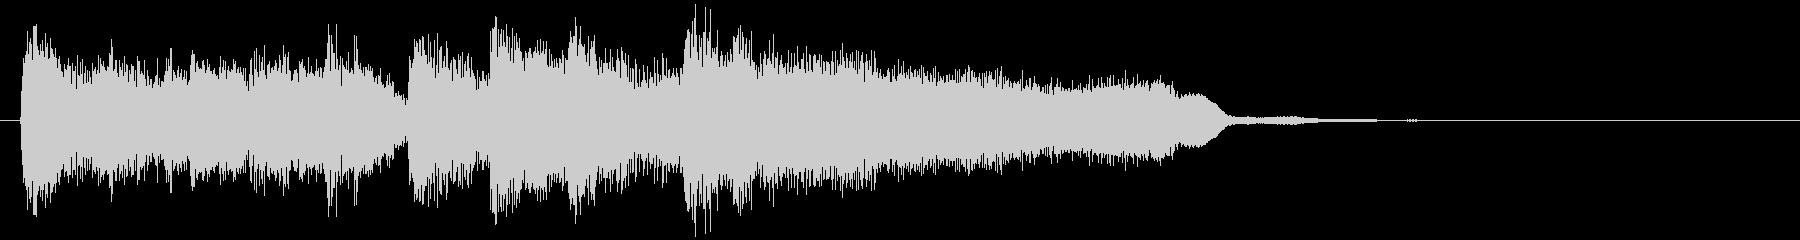 軽快な生演奏フルートの6秒ジャズジングルの未再生の波形